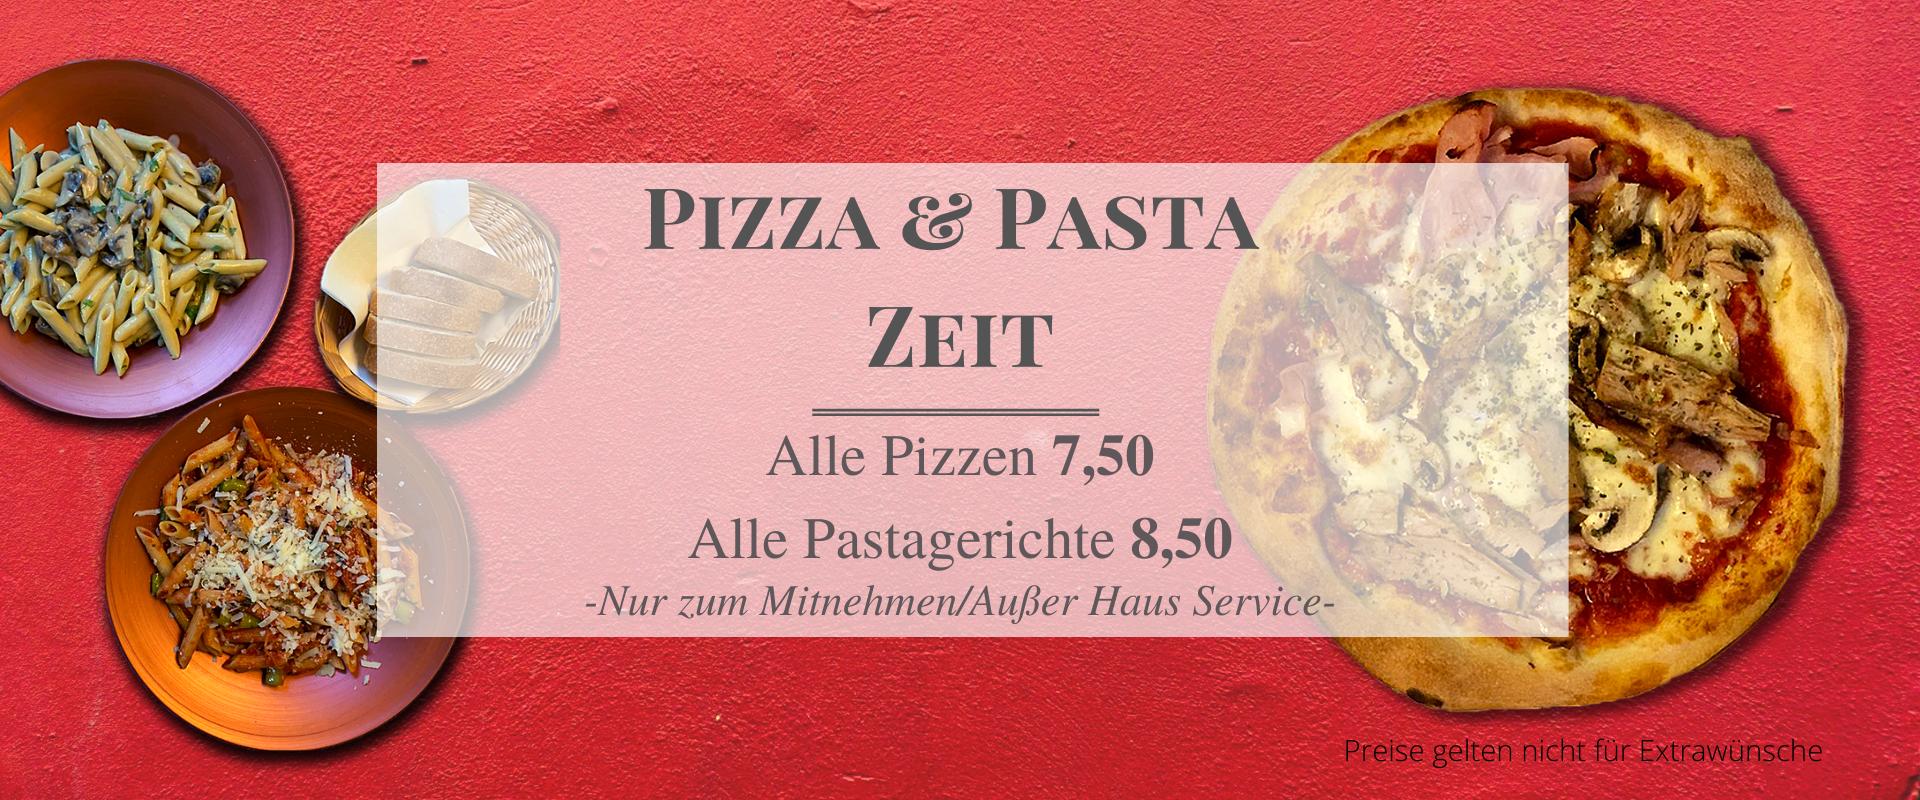 Jetzt Pizza- & Pasta-Zeit - Außer Haus Angebot